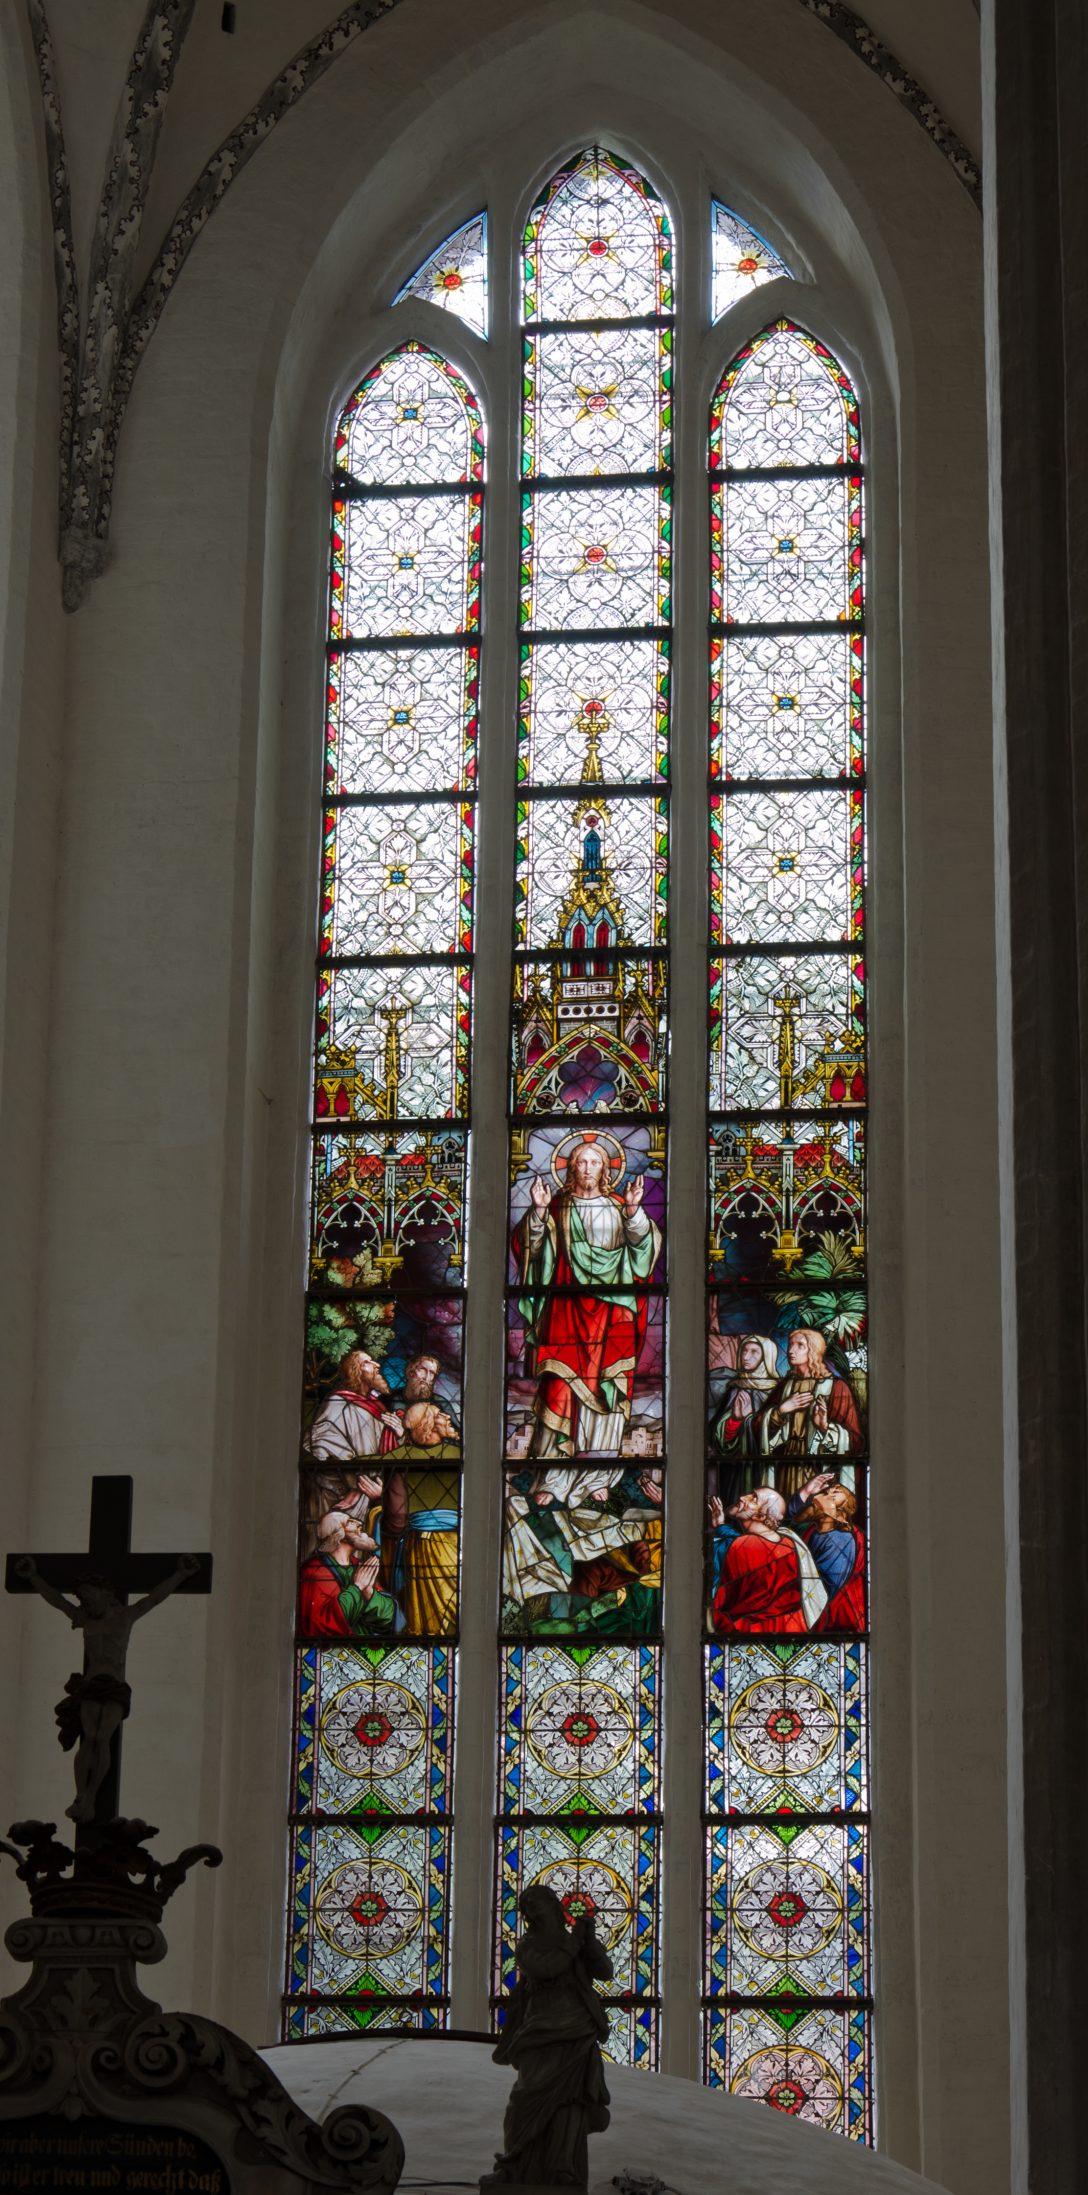 Large Size of Fenster Rostock Filerostock Stmarien Fensterjpg Wikimedia Einbruchschutz Stange Verdunkelung Beleuchtung Velux Einbauen Insektenschutzgitter Sonnenschutz Fenster Fenster Rostock